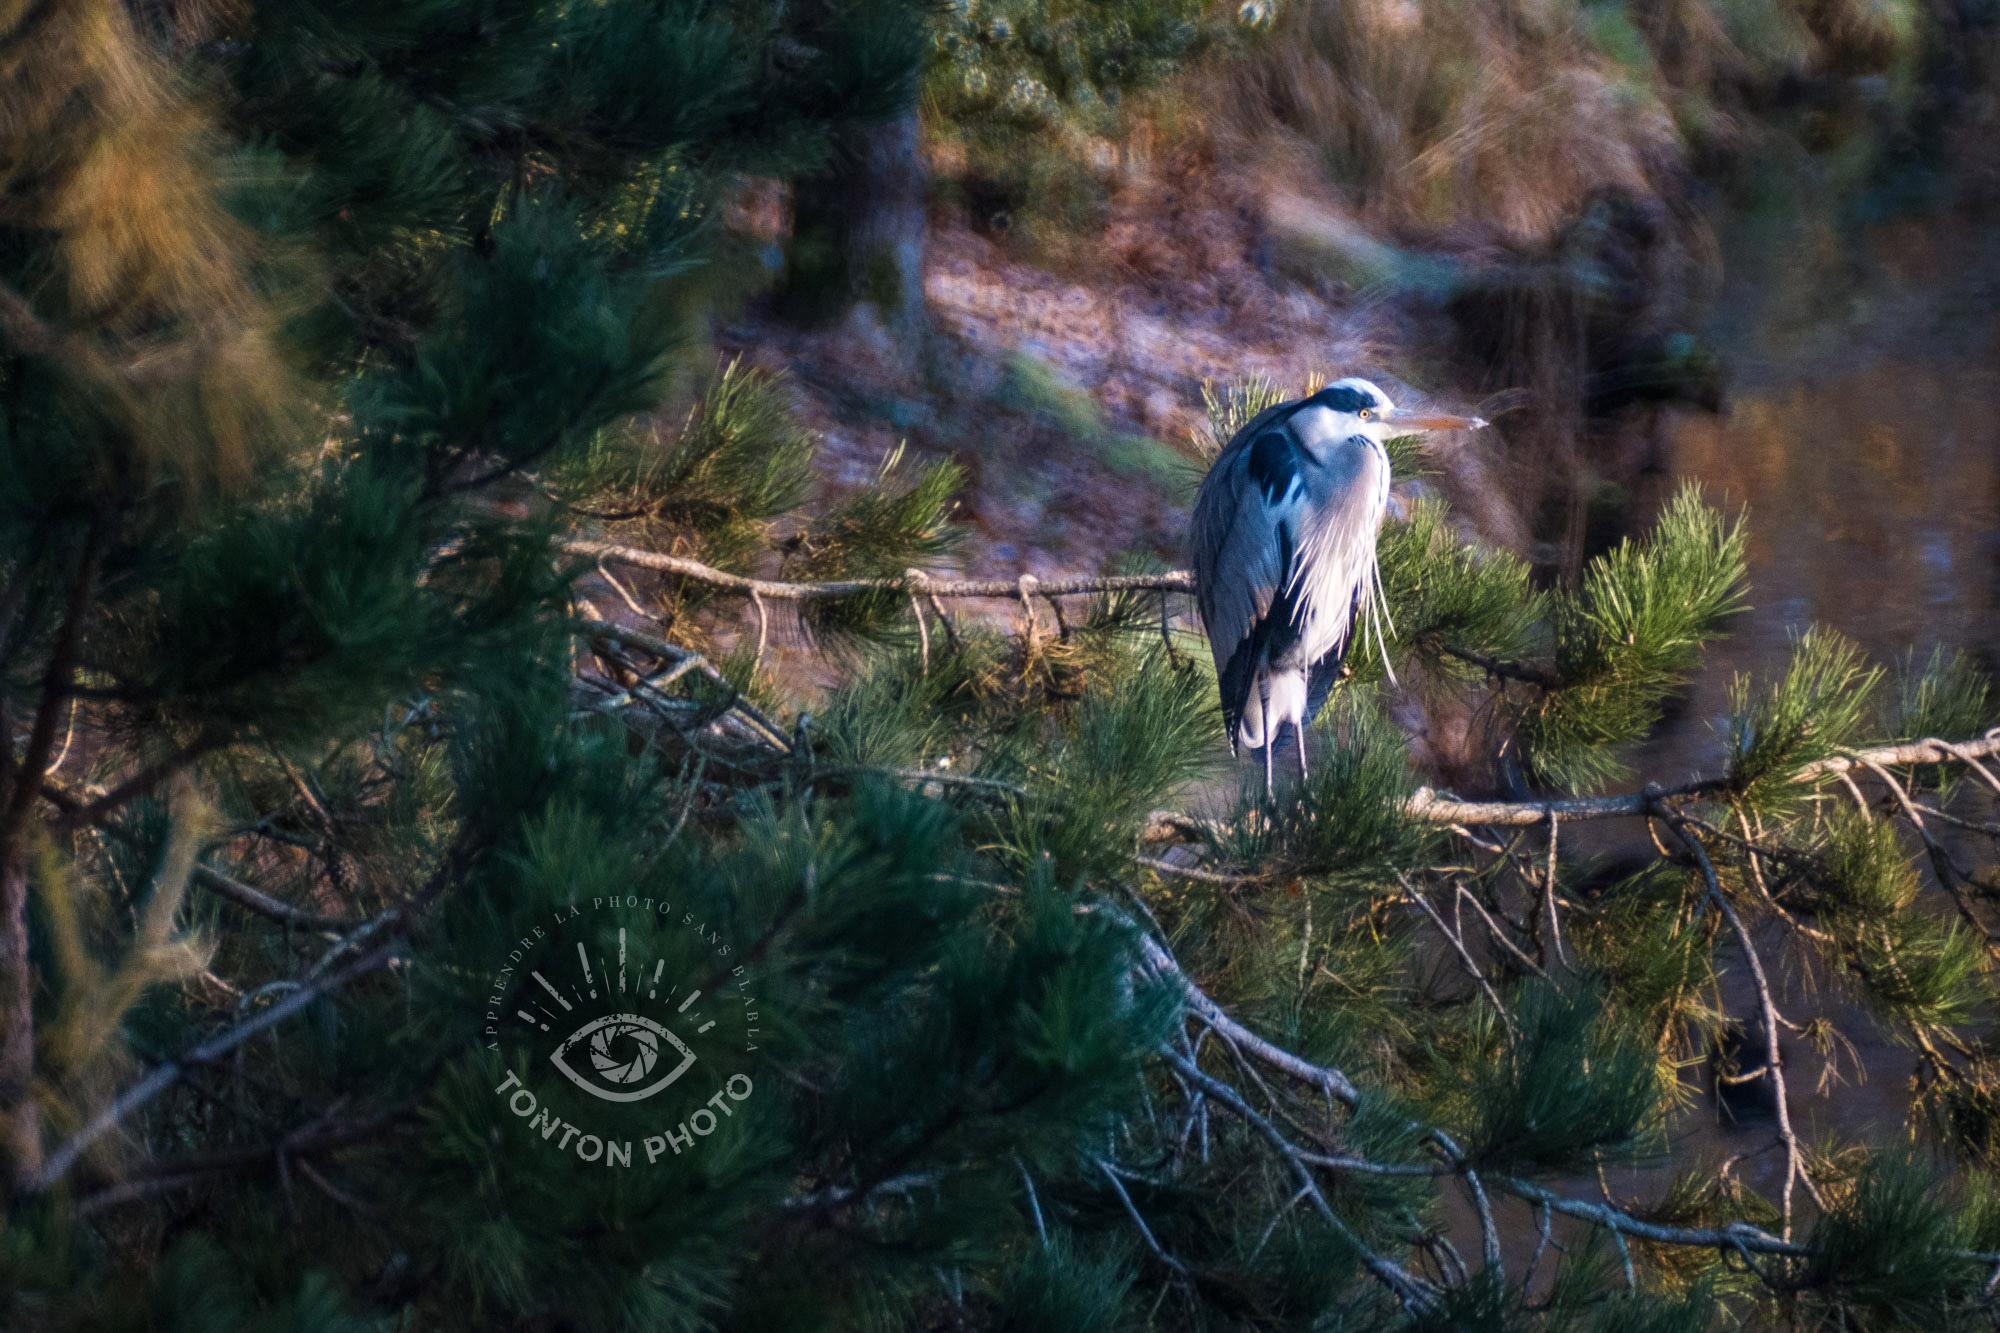 Pour les amateurs d'ornithologie (ici, un héron cendré) et d'animaux en général, le télé-objectif Samyang 500mm f/6.3 MC IF est un achat intéressant pour s'amuser sans se ruiner © Tonton Photo